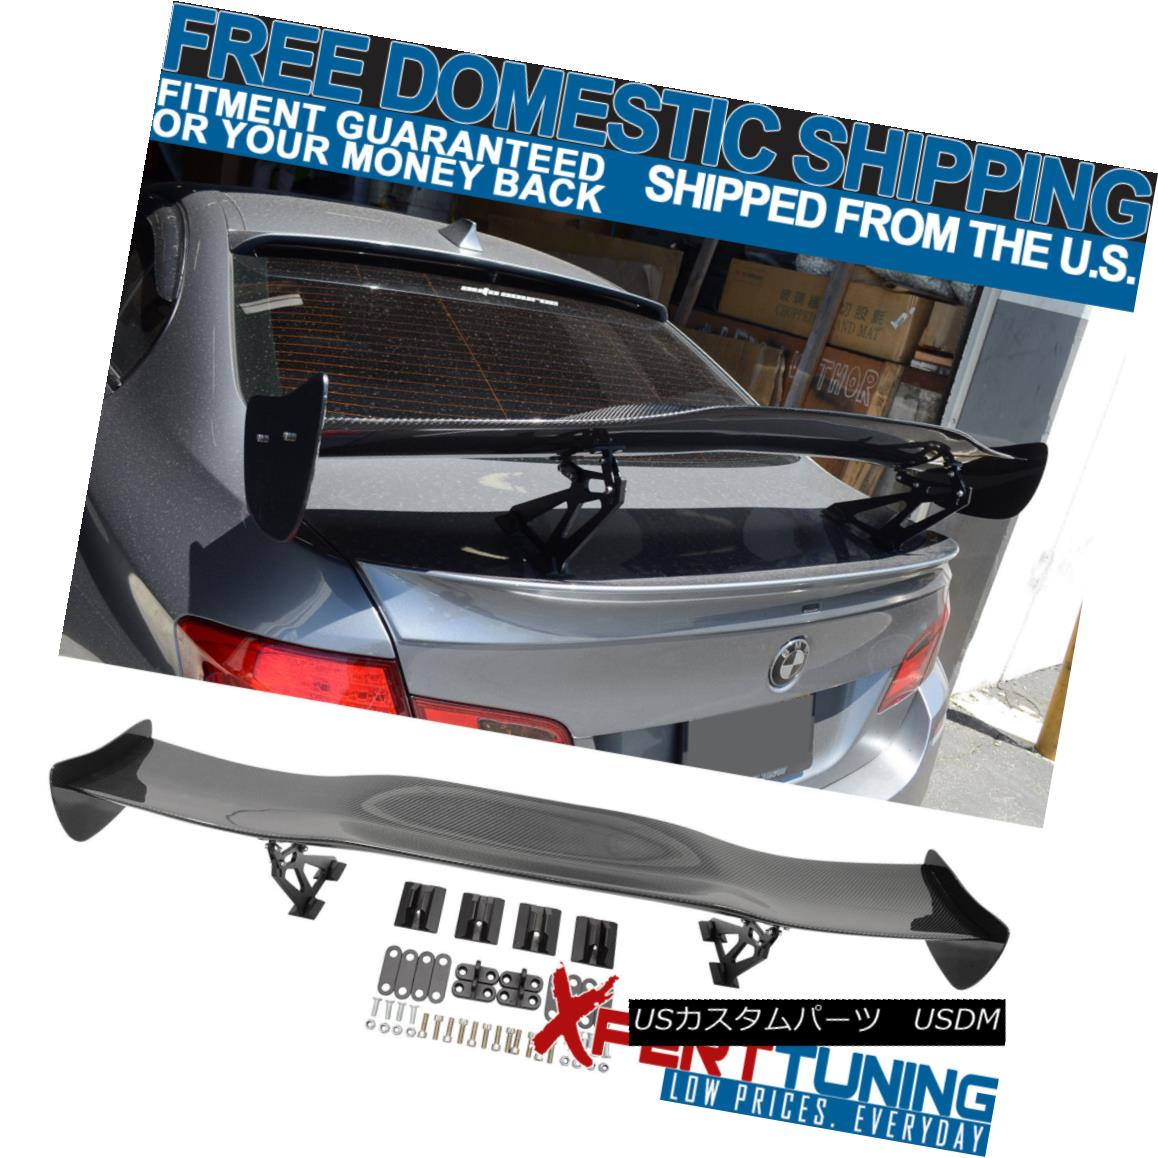 エアロパーツ Adjustable JDM GT Style 57in Black Carbon Fiber CF Rear Wing Trunk Spoiler 調整可能なJDM GTスタイル57inブラックカーボンファイバーCFリアウイングトランク・スポイラー